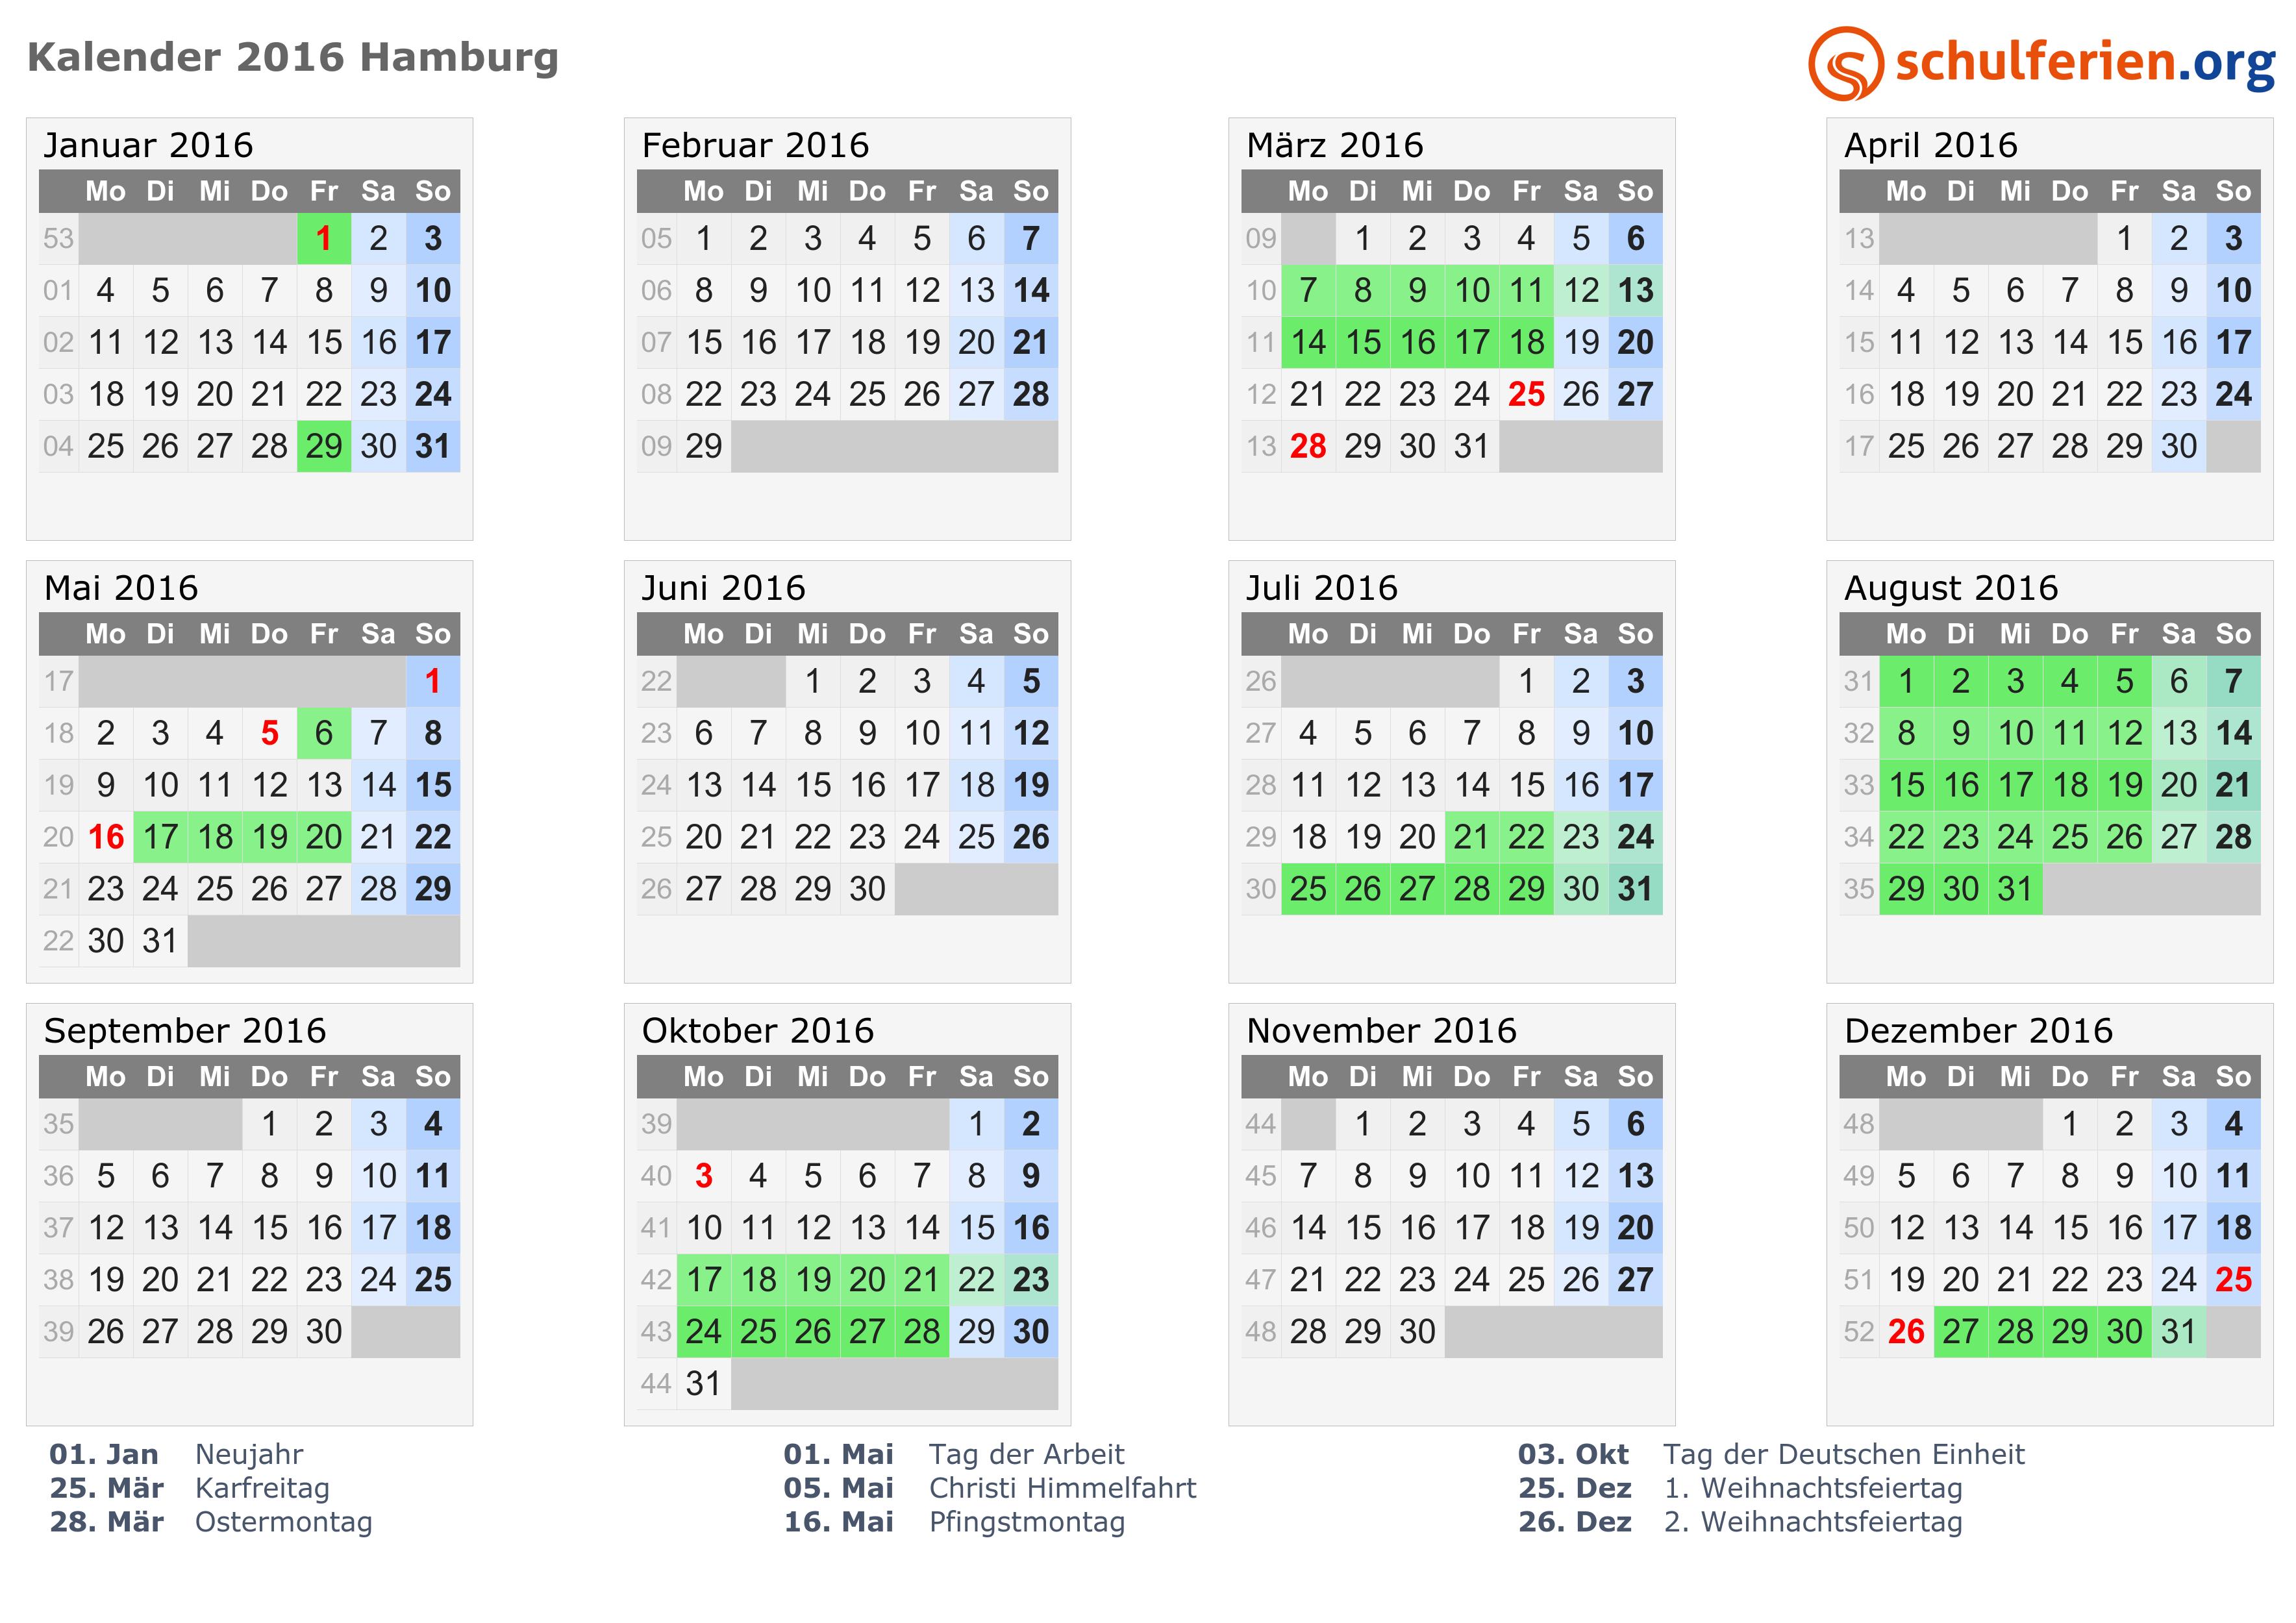 Ferien Hamburg 2015 - Ferienkalender zum Ausdrucken